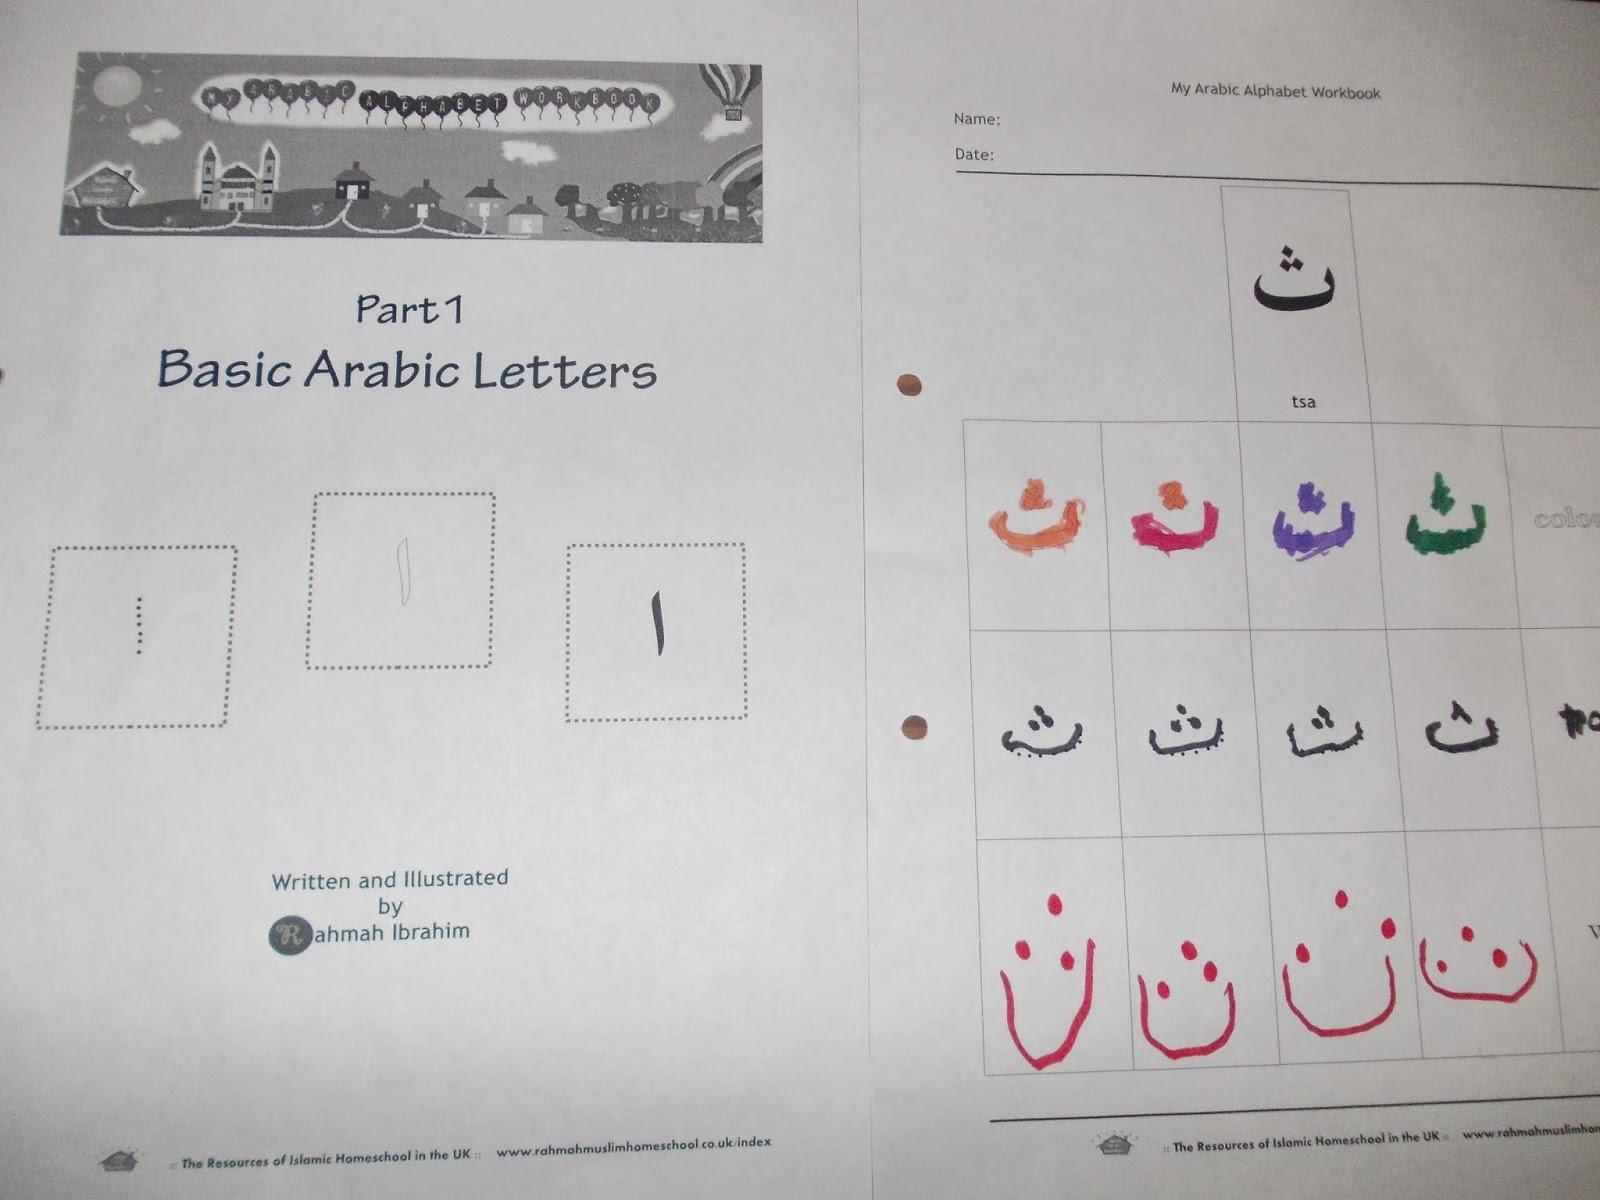 Arabic Alphabet Workbook